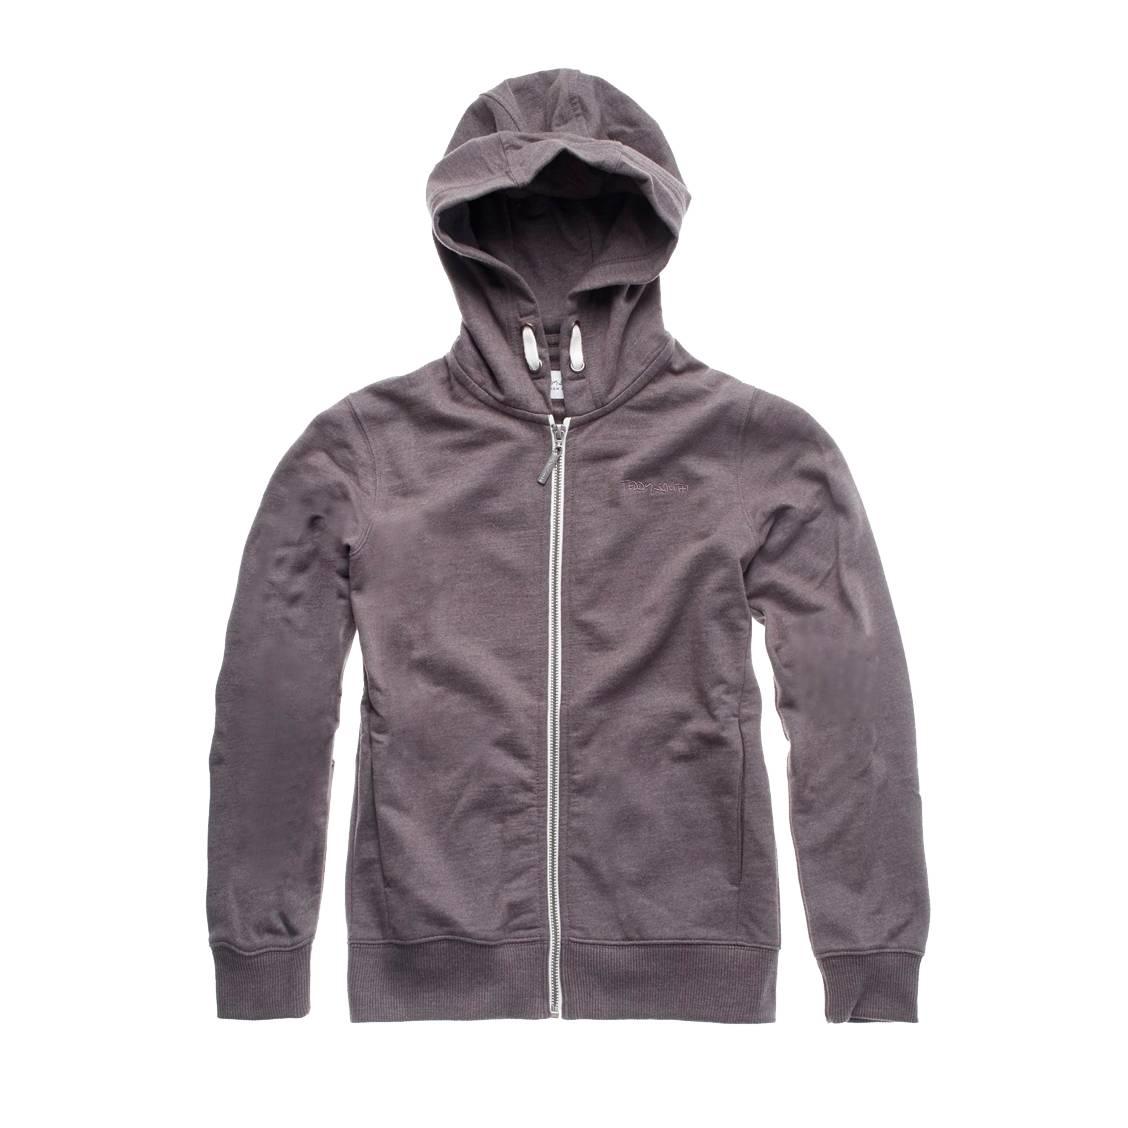 54ead47f01467 Sweat zippé à capuche Teddy Smith Junior Gelery en coton mélangé gris  anthracite chiné ...